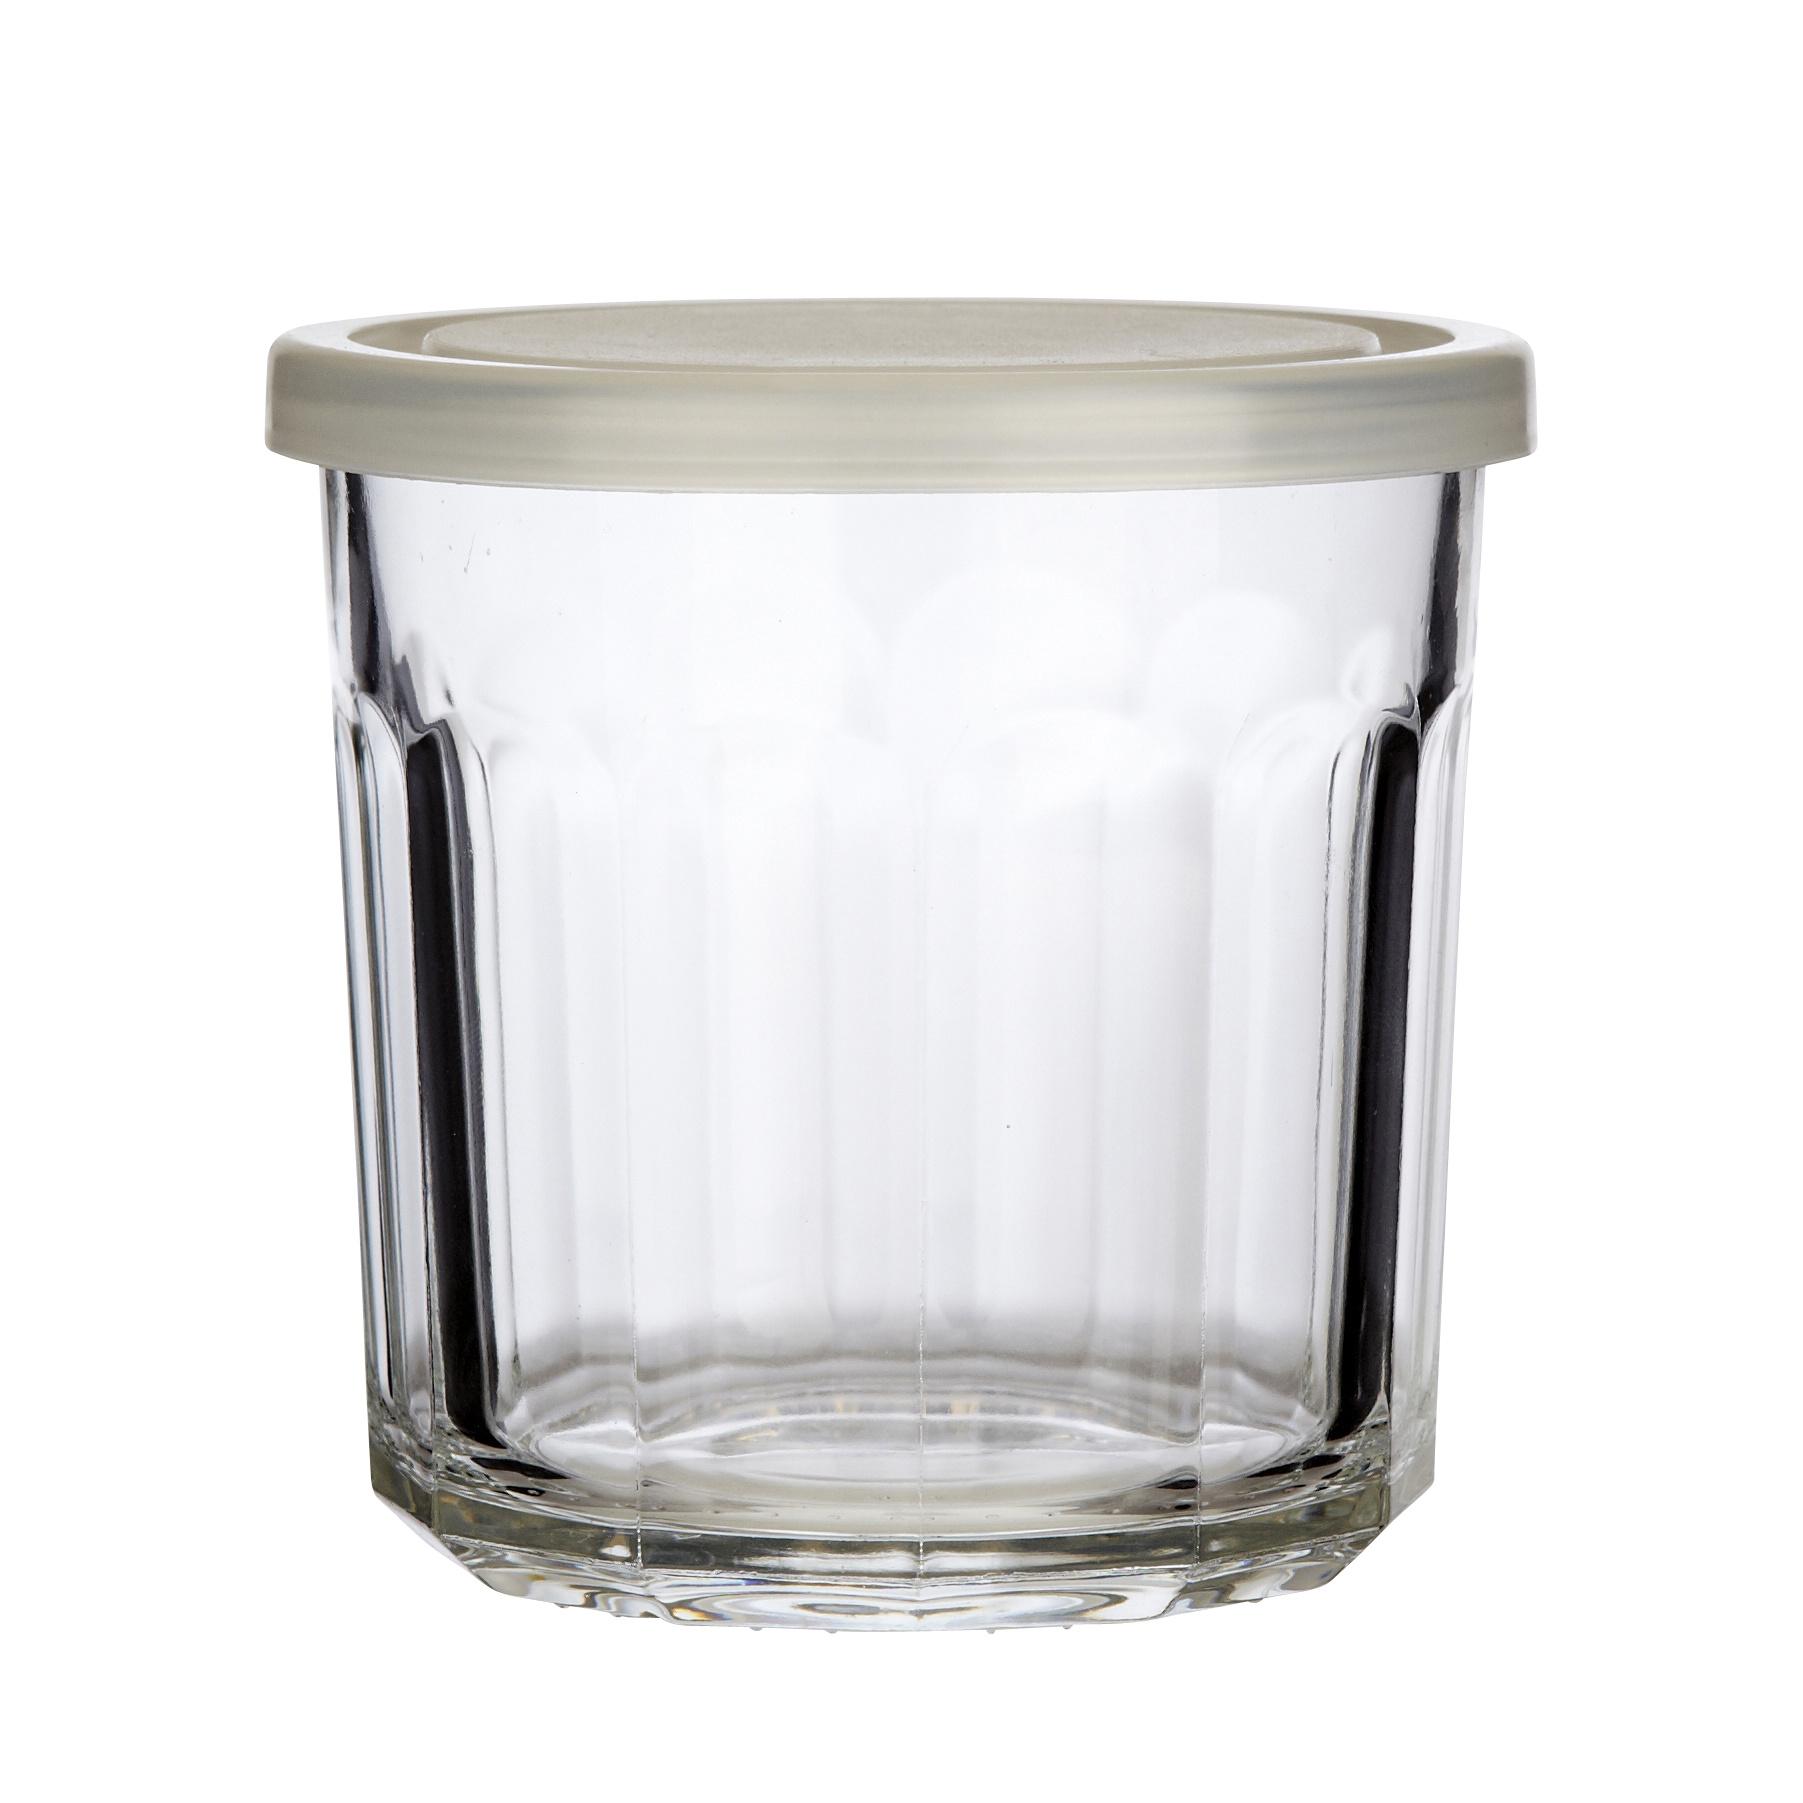 Hubsch Marmelade-glas, helder